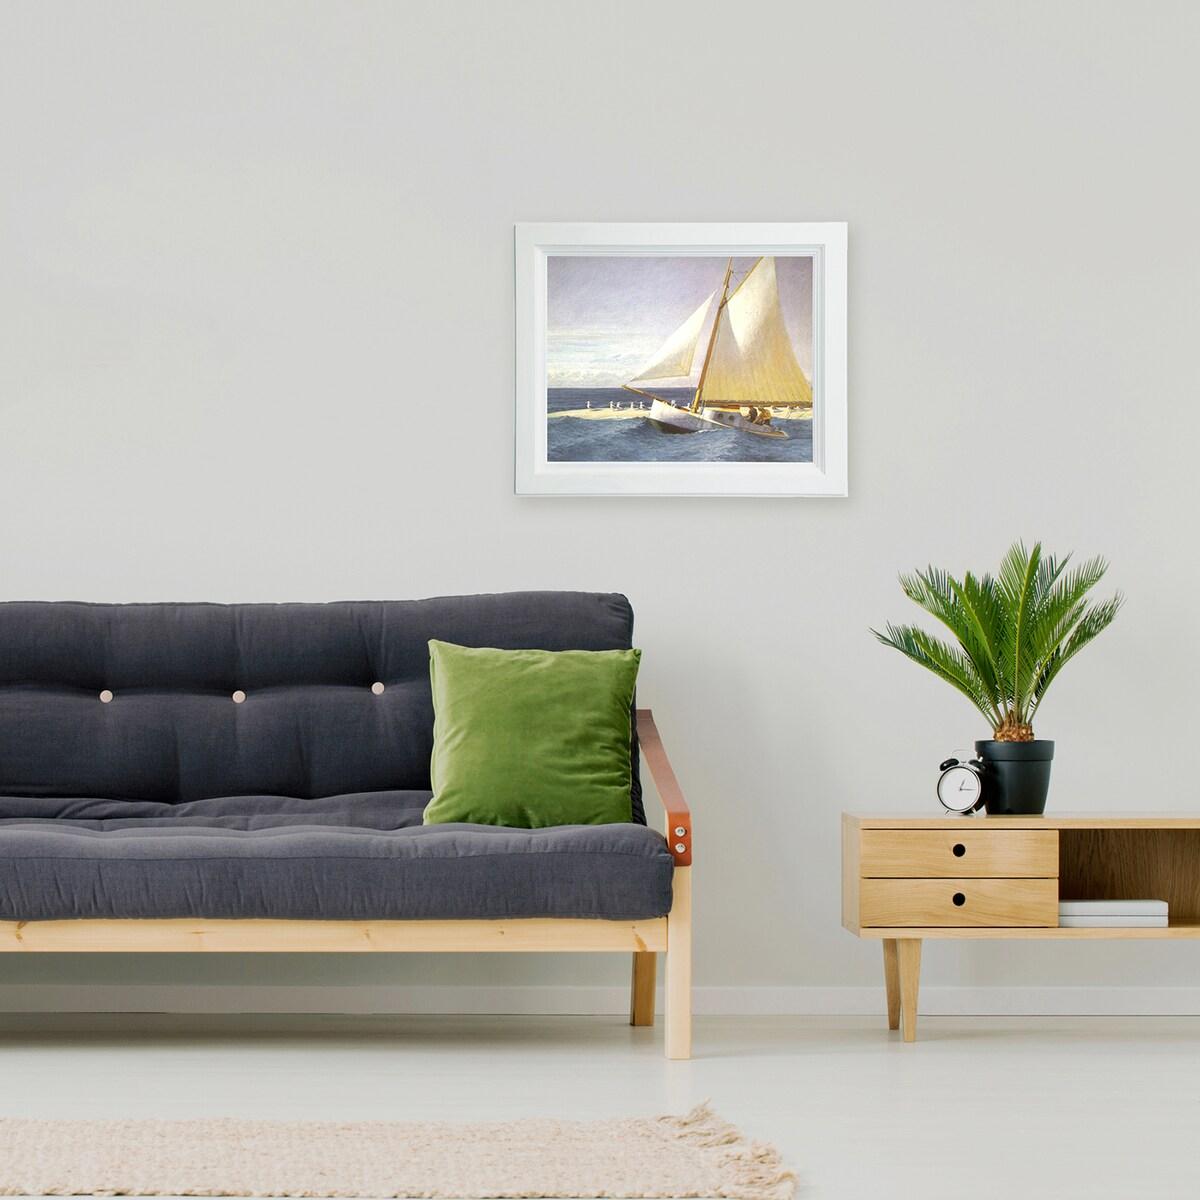 ラーソン・ジュール 油絵用額縁 A260 F3 ホワイト